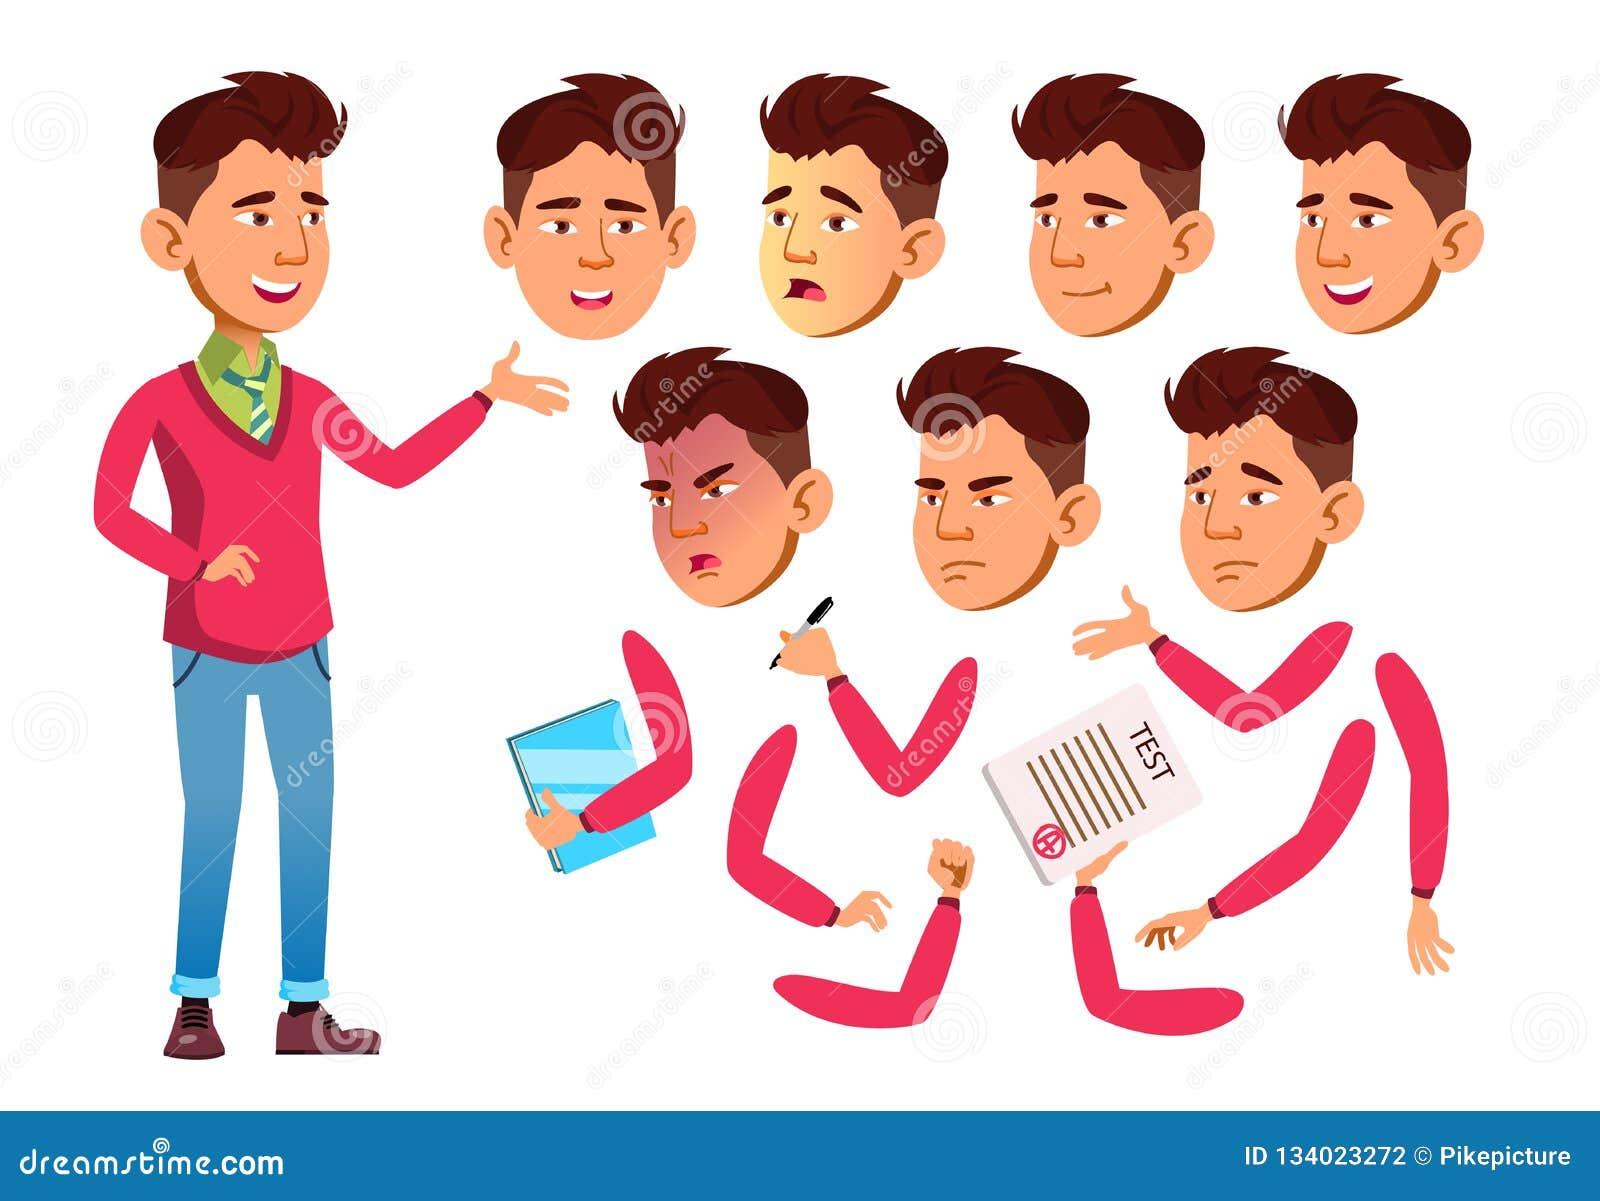 Asiatischer jugendlich Jungen-Vektor jugendlicher Erwachsene Leute beiläufig Gesichts-Gefühle, verschiedene Gesten Animations-Sch